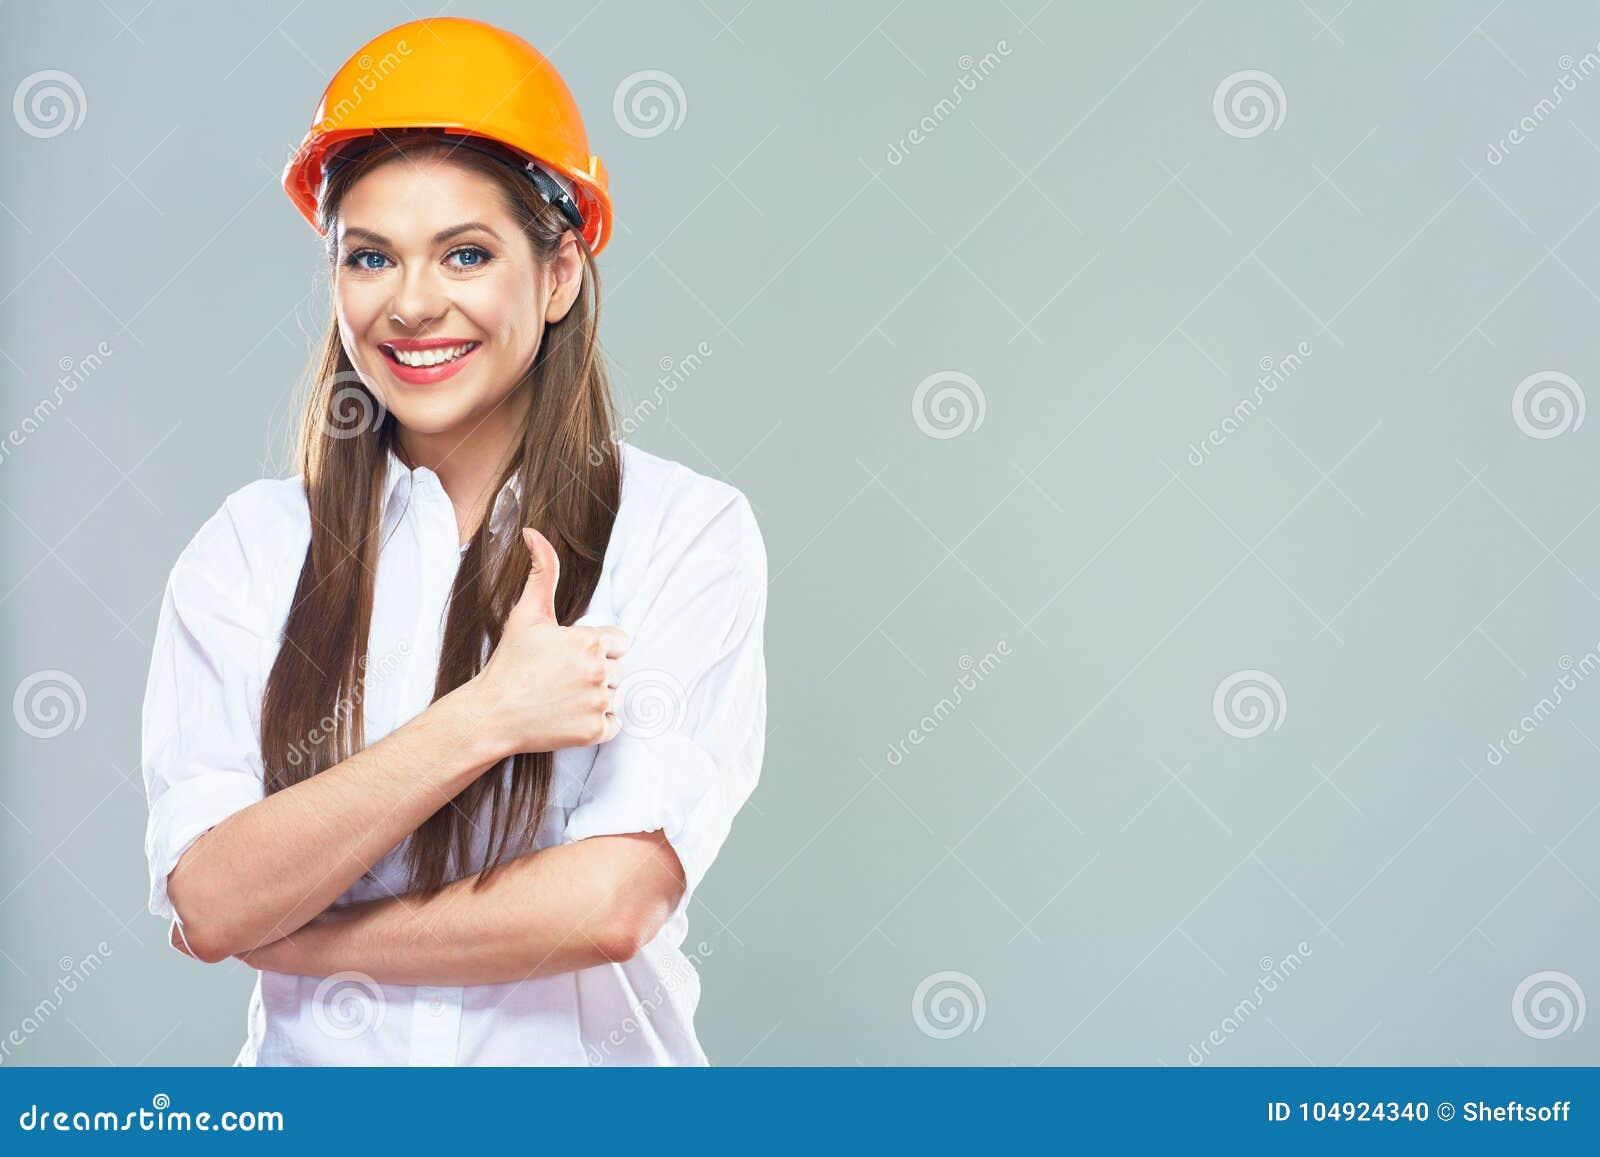 Il ritratto della manifestazione sorridente del consulente della proprietà della donna sfoglia su